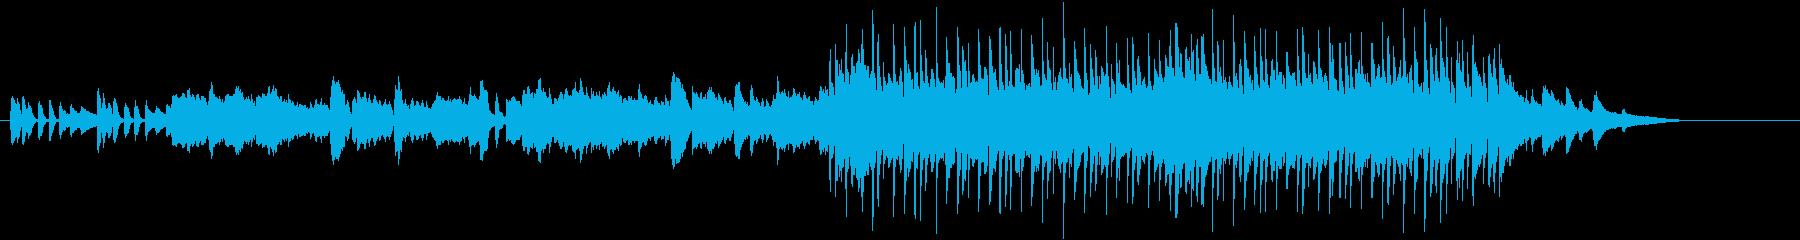 メロディー・ラインが映える和風ポップスの再生済みの波形